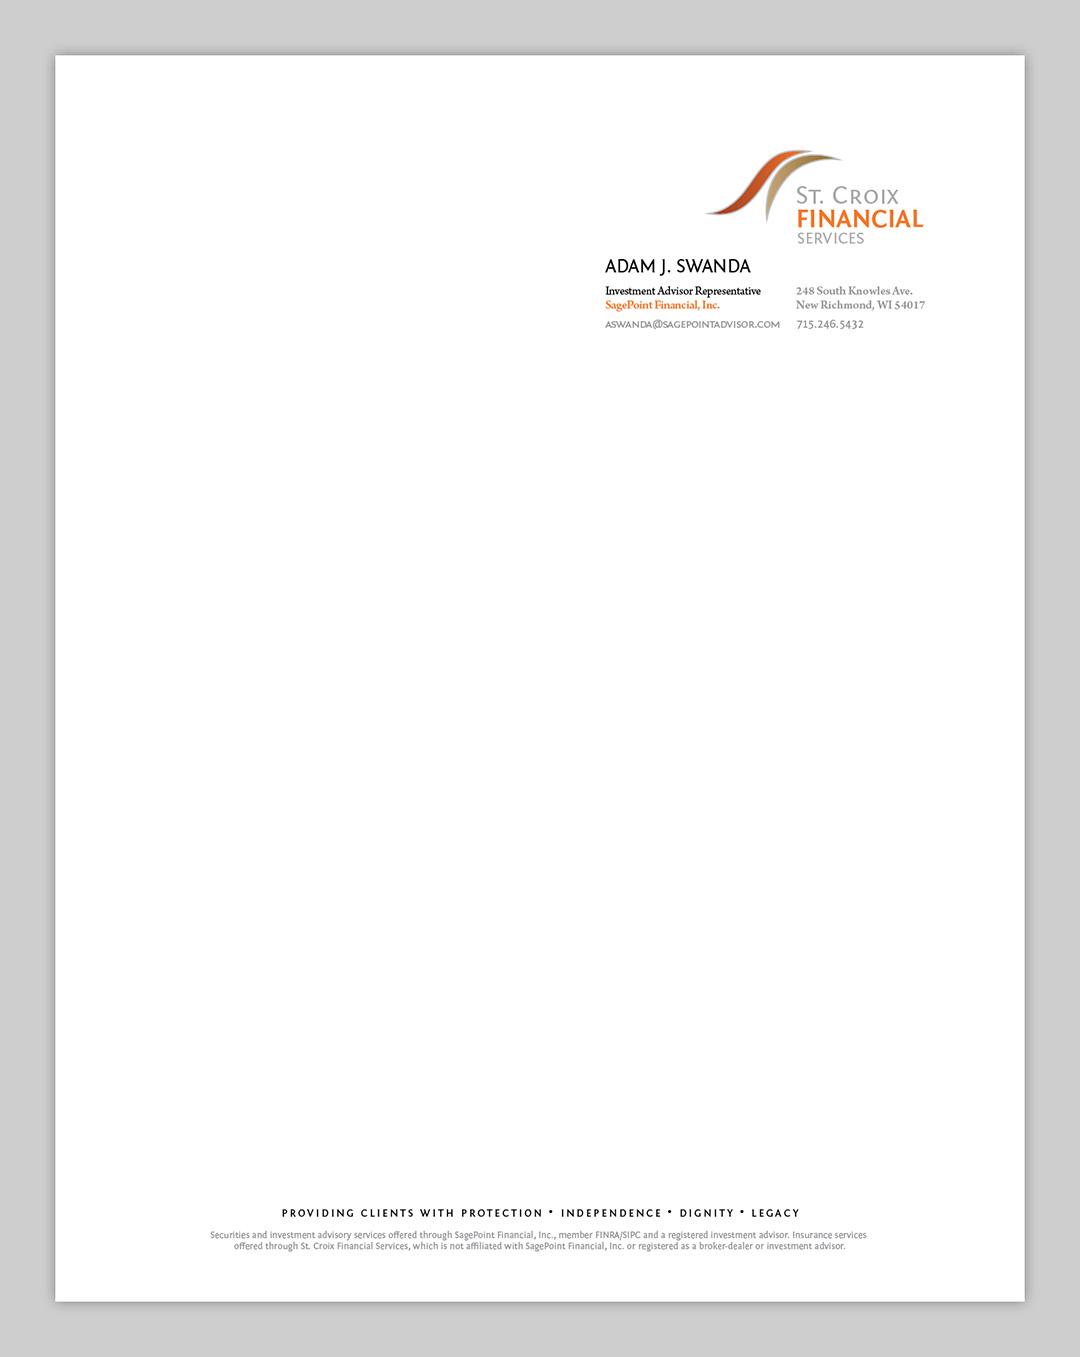 SCFS_Letterhead2014-01_1080p.jpg